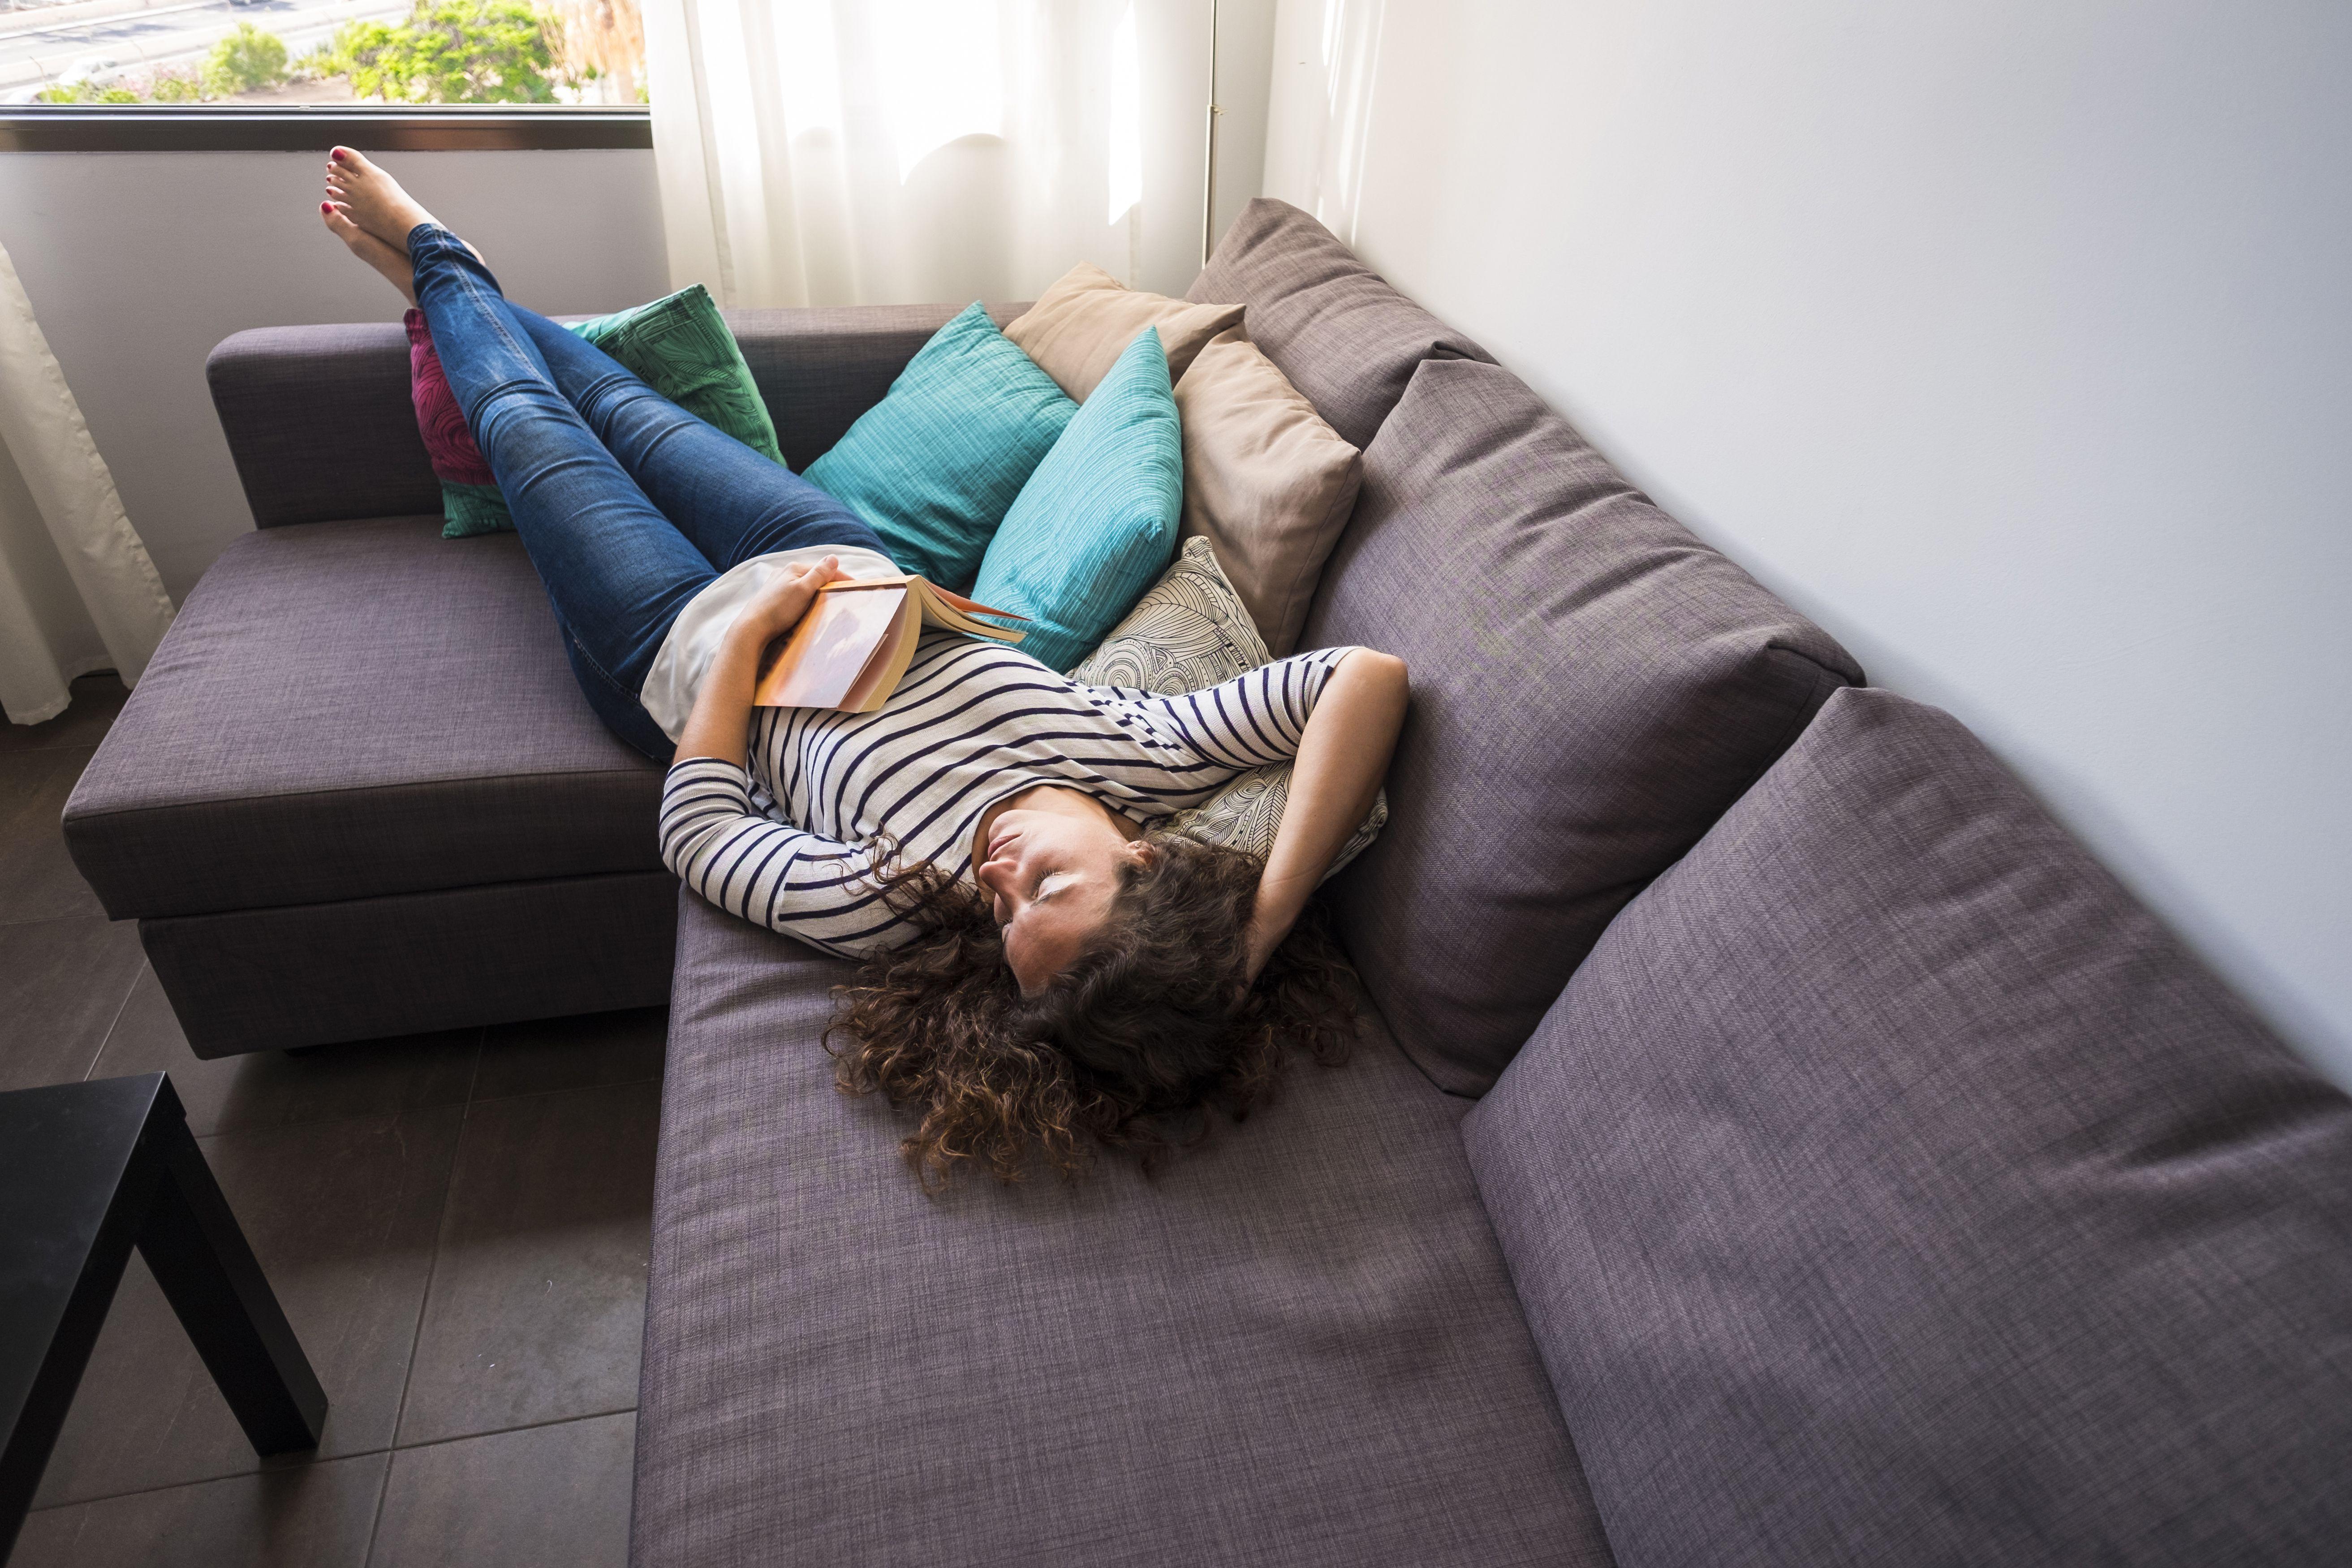 Teen sleeps on couch.